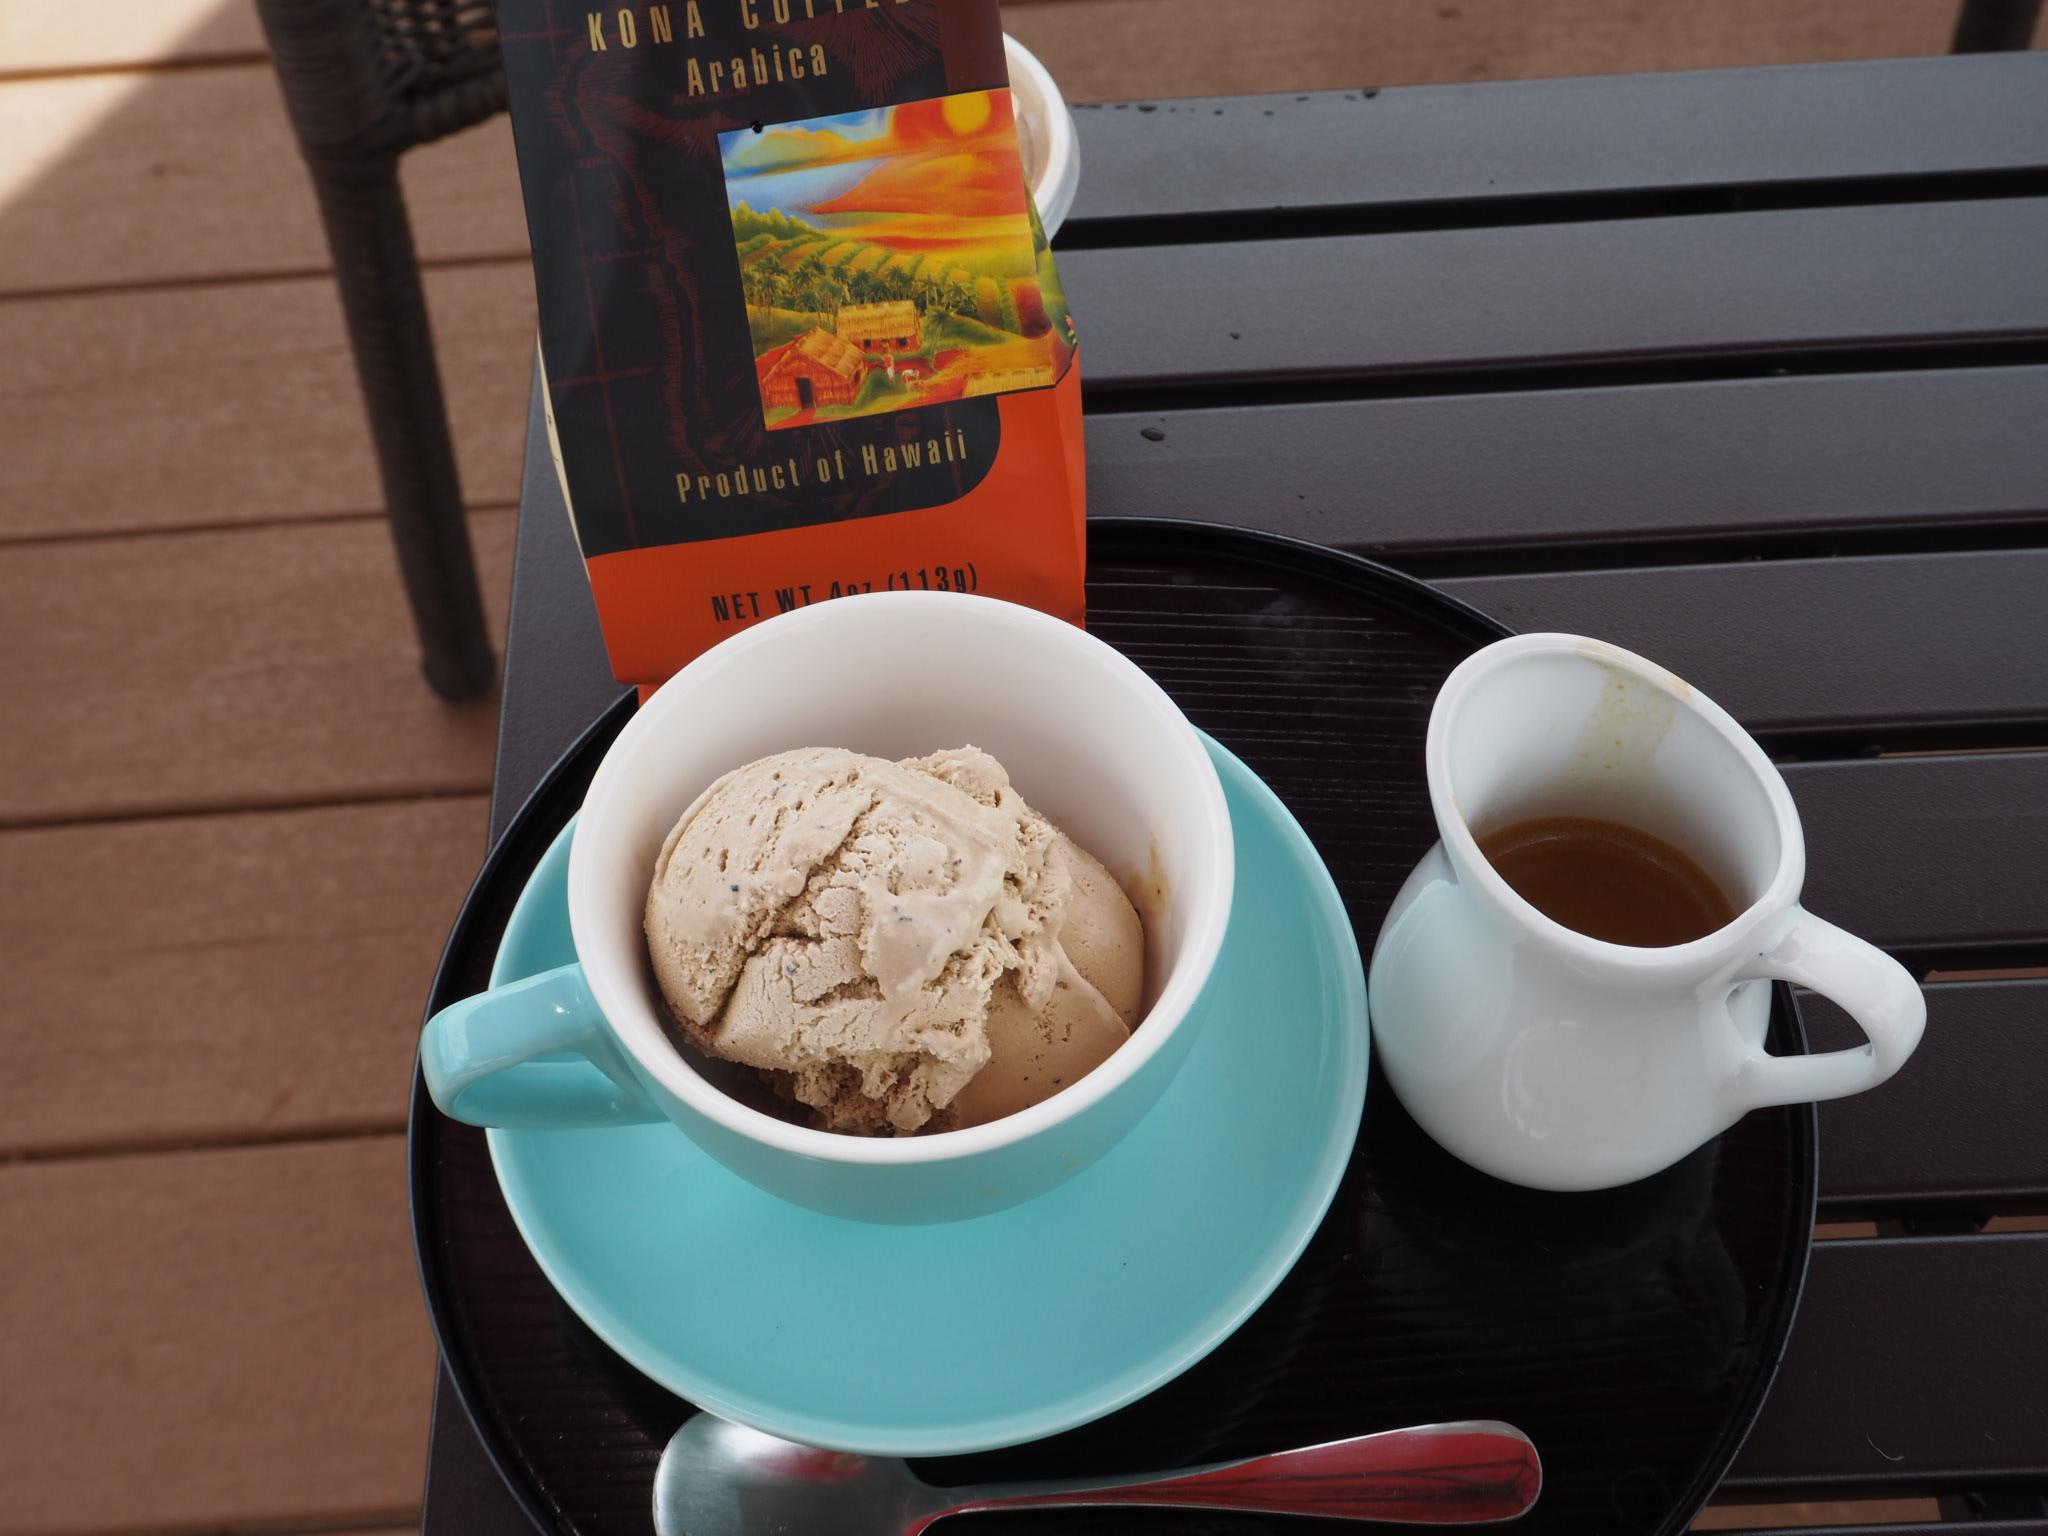 ハワイ島行ったらココ!パート①香り豊かなコナコーヒーを味わう♪